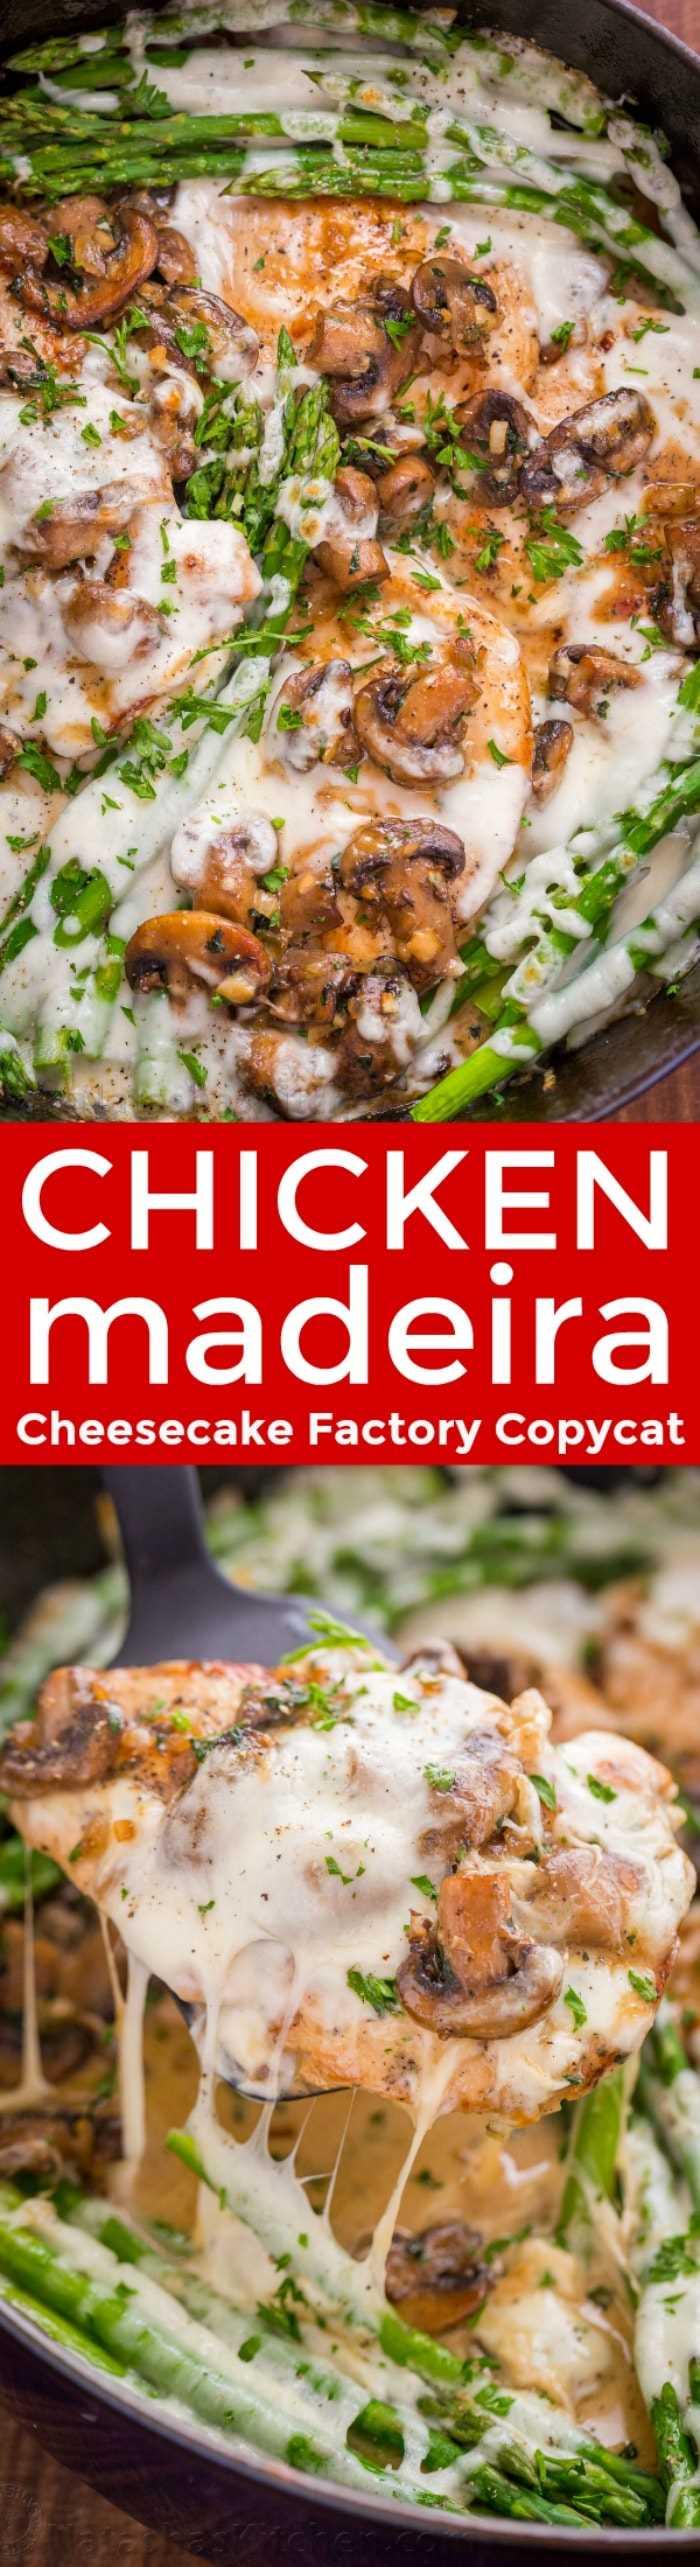 Pollo Madeira con pollo jugoso y champiñones en una salsa cremosa con queso derretido ... ¡Cremoso pollo Madeira es una receta imitación de Cheesecake Factory! El | natashaskitchen.com